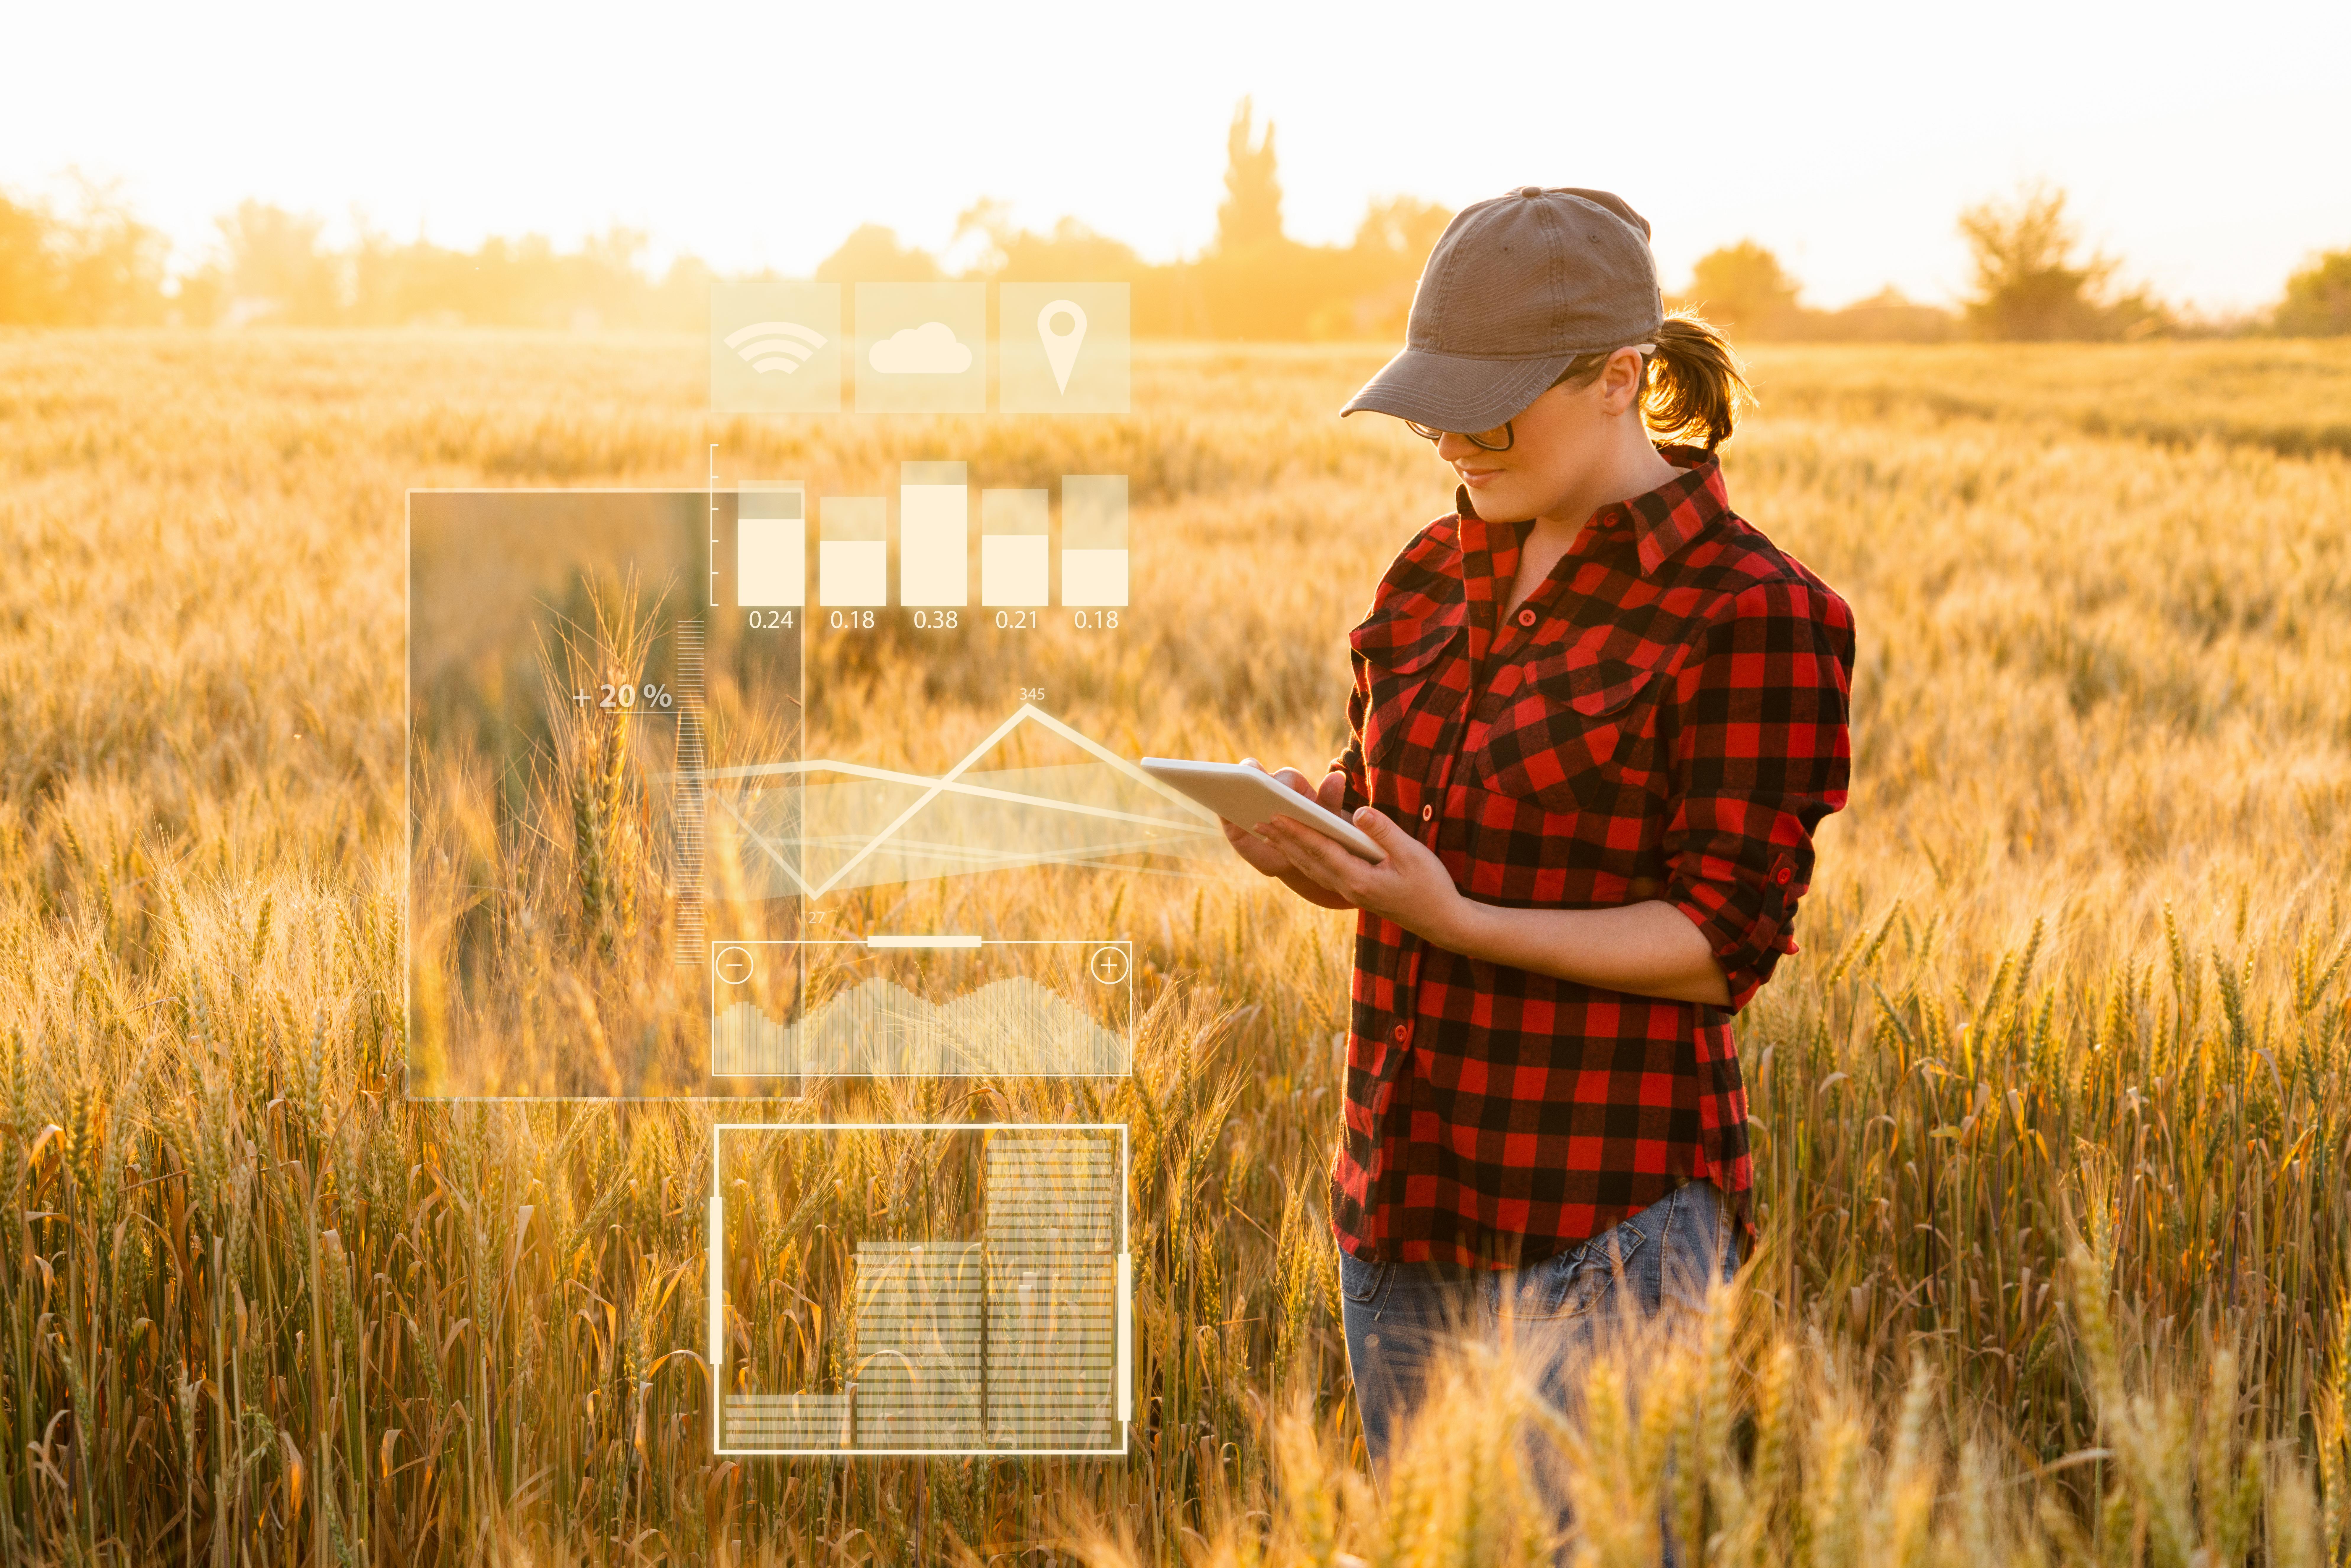 Autonomous Smart Farm